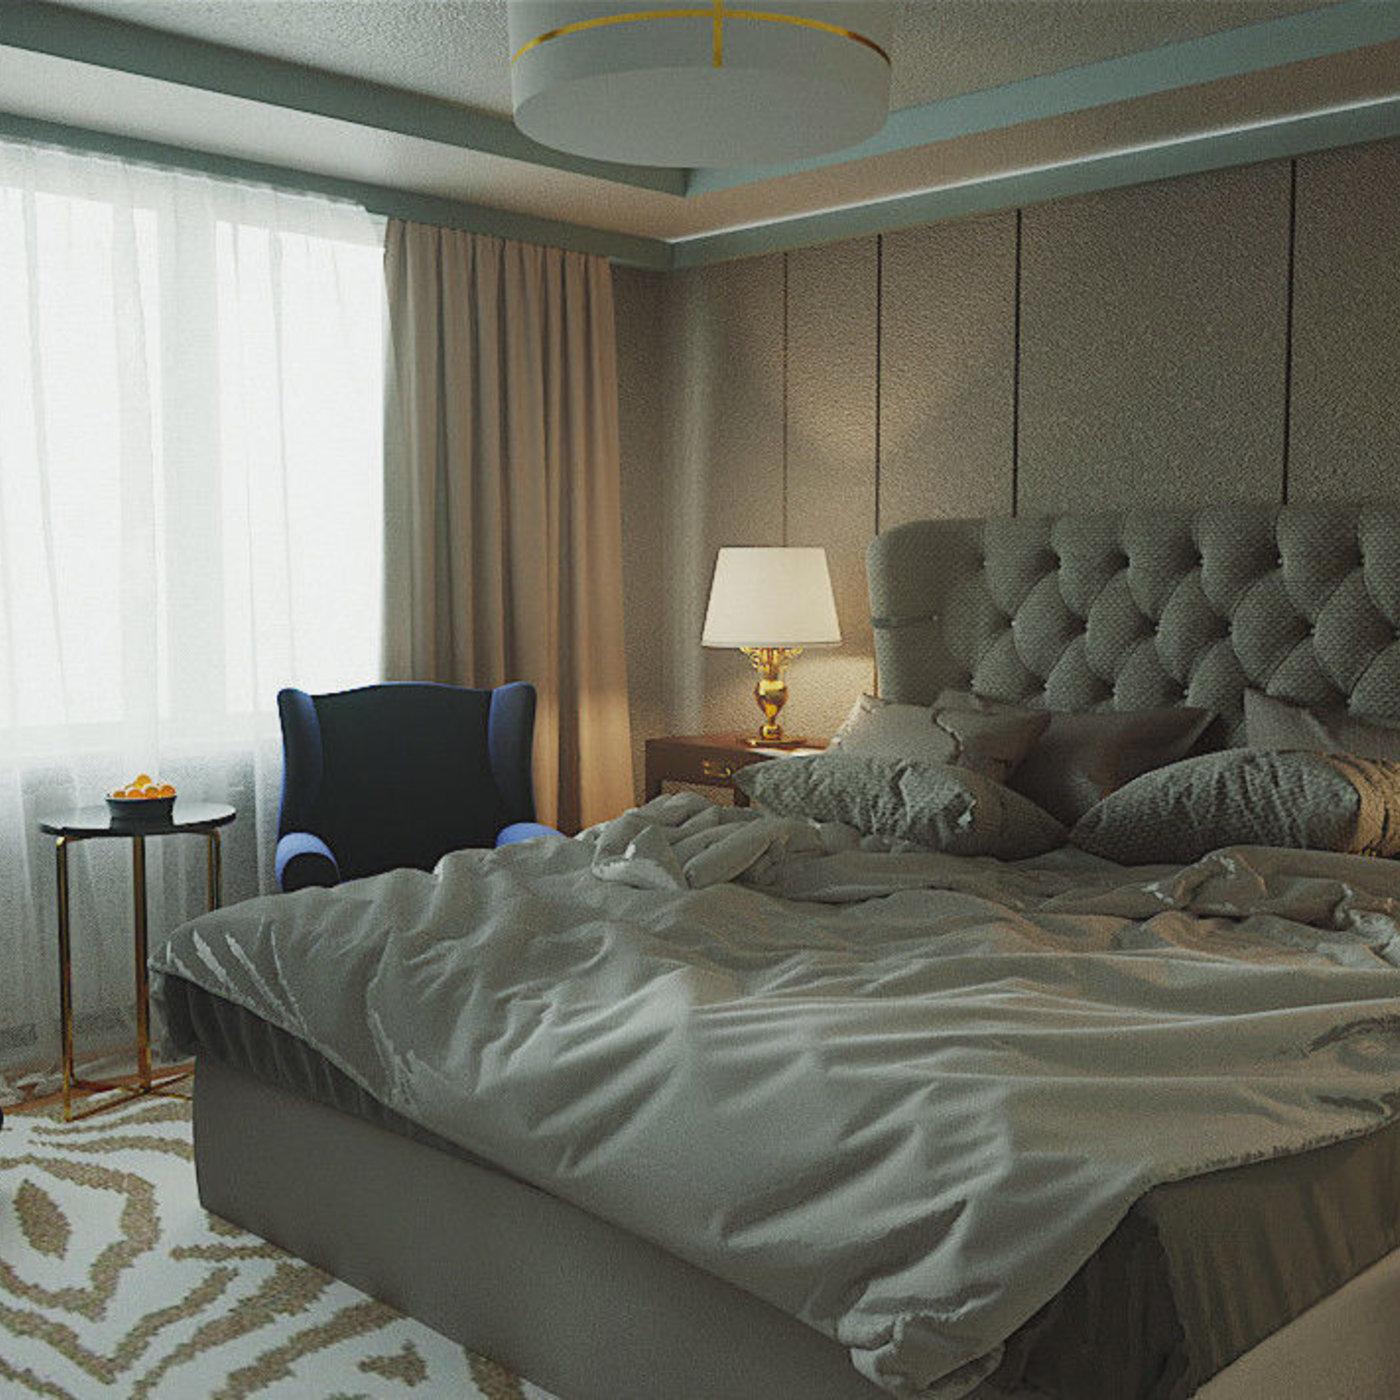 modern Interior - bedroom